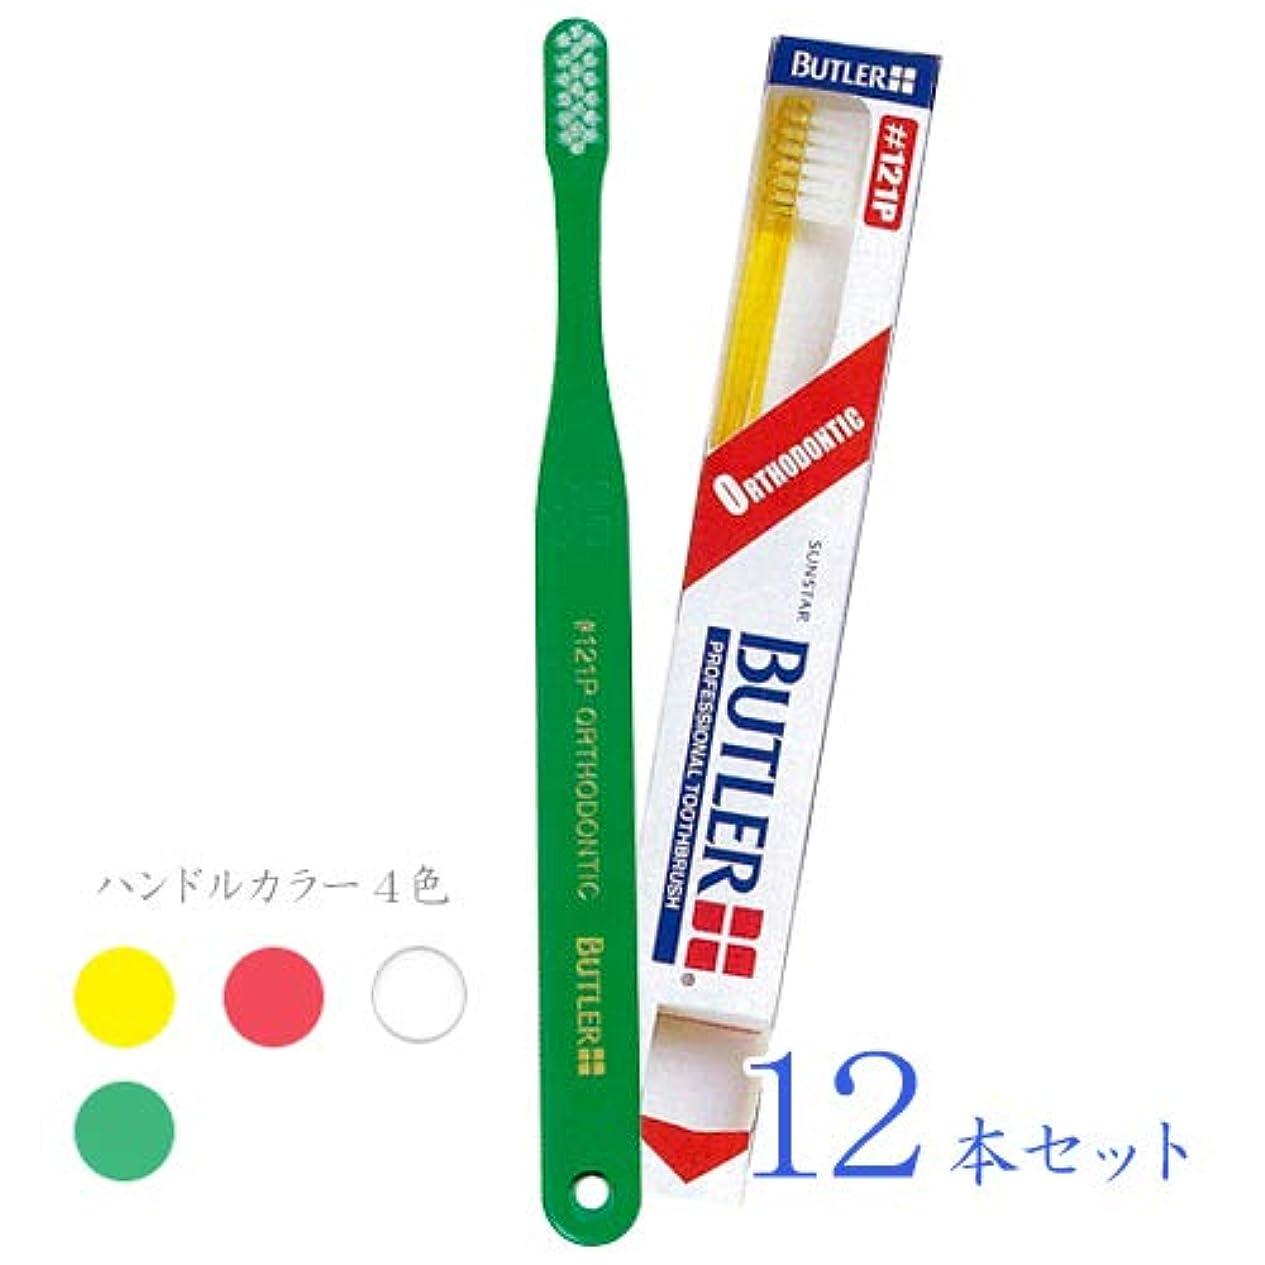 攻撃厳キャメルバトラー 歯ブラシ #121P 12本入